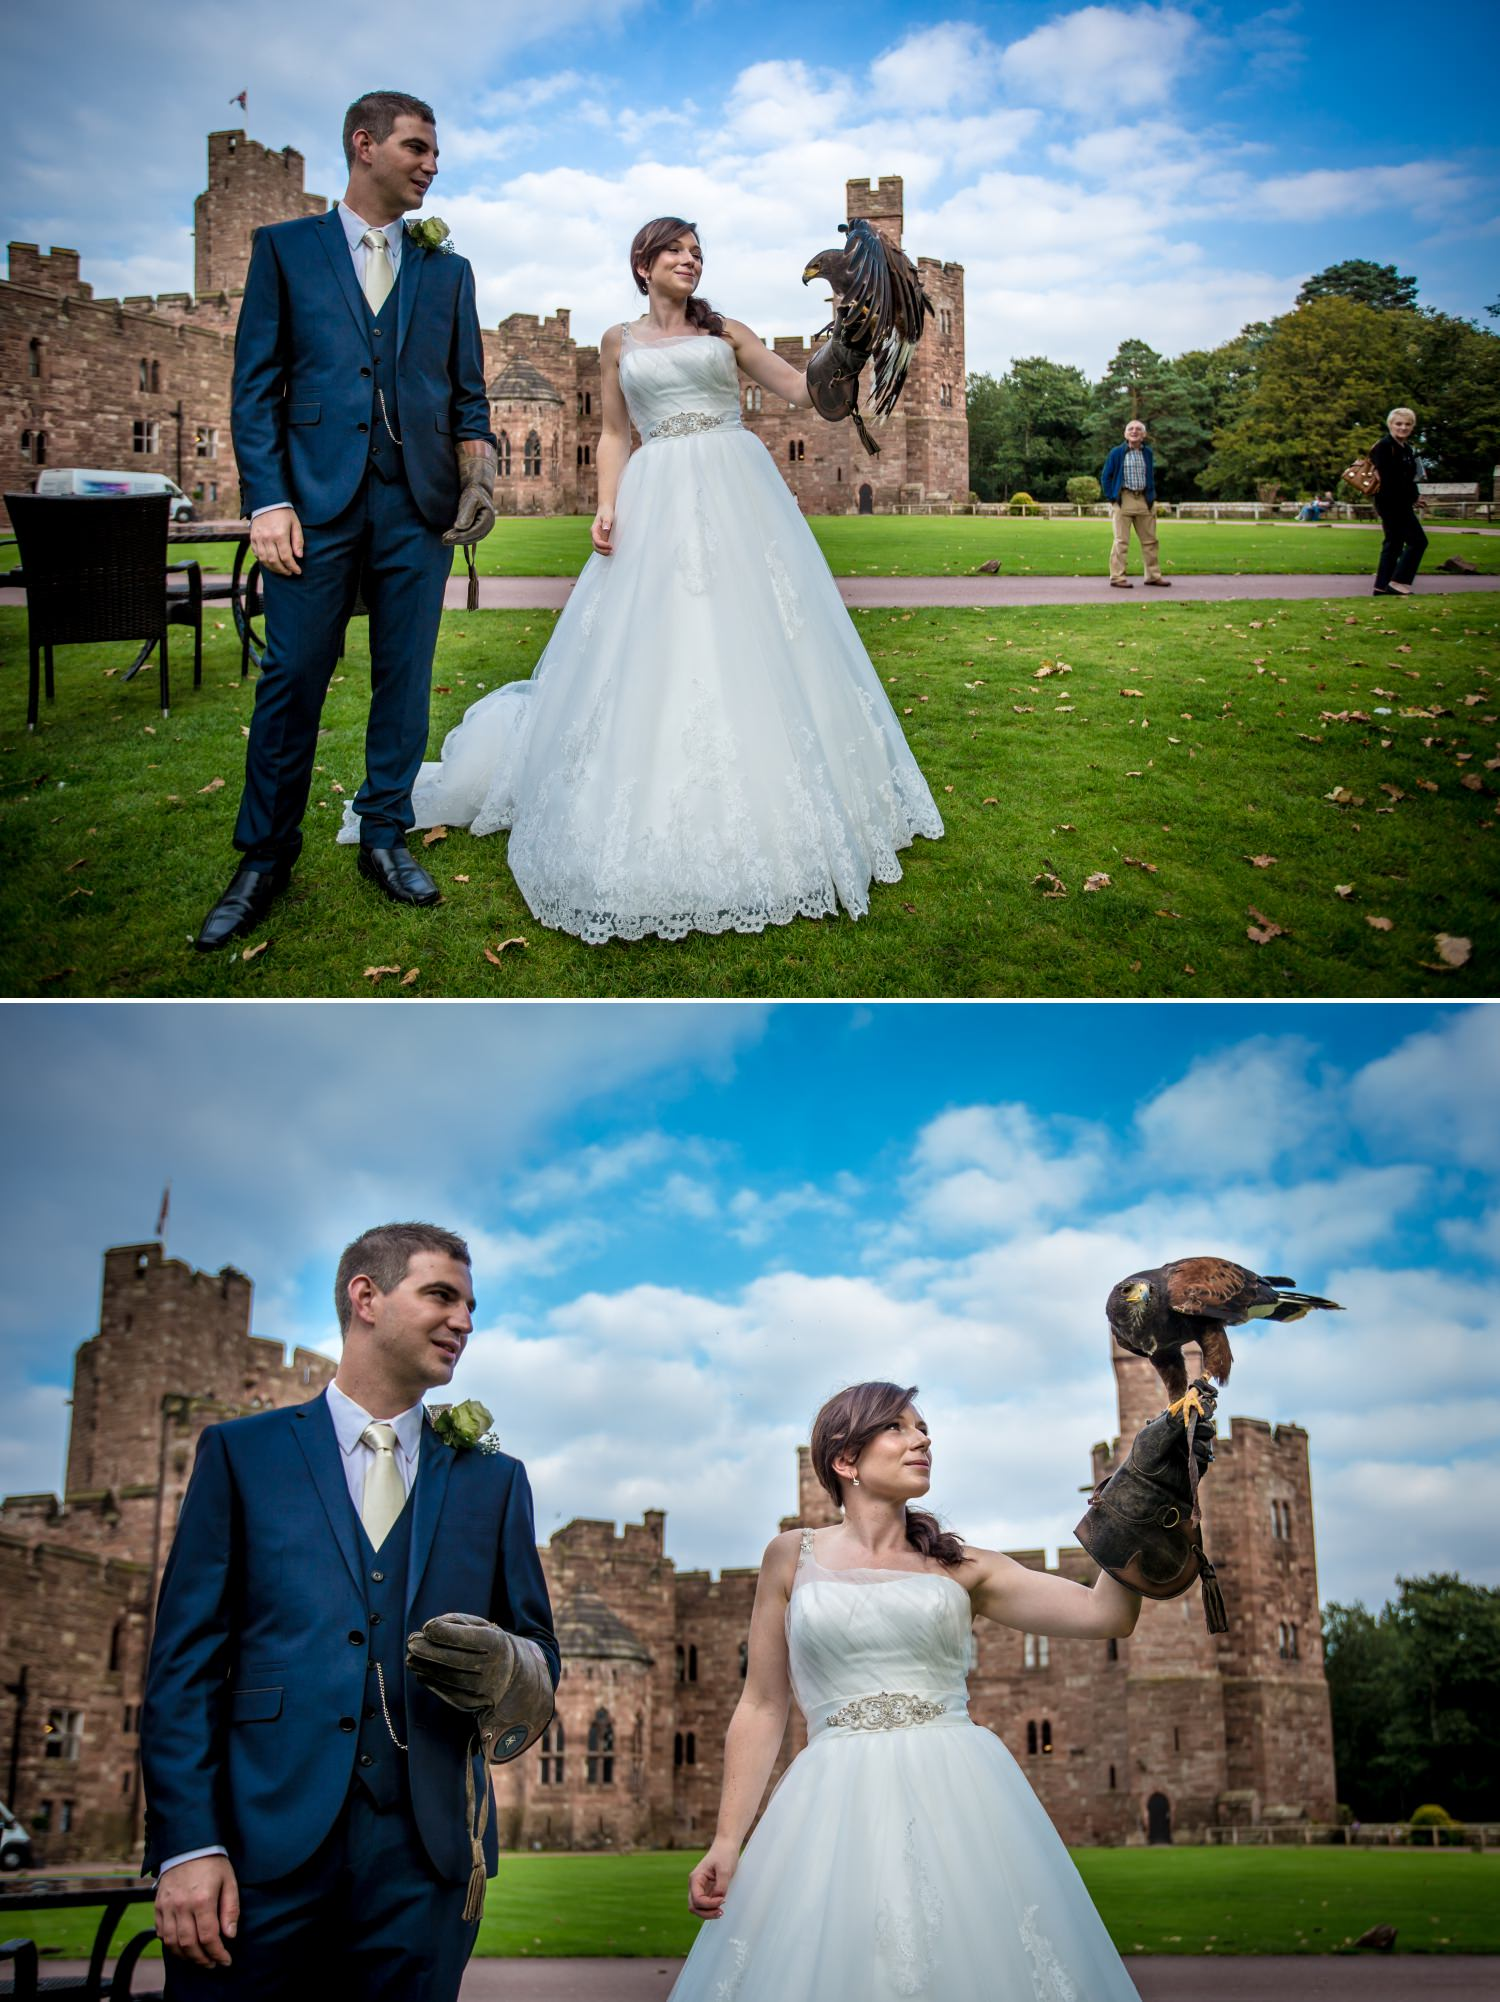 Bird of prey wedding photographs at Peckforton Castle, Chester